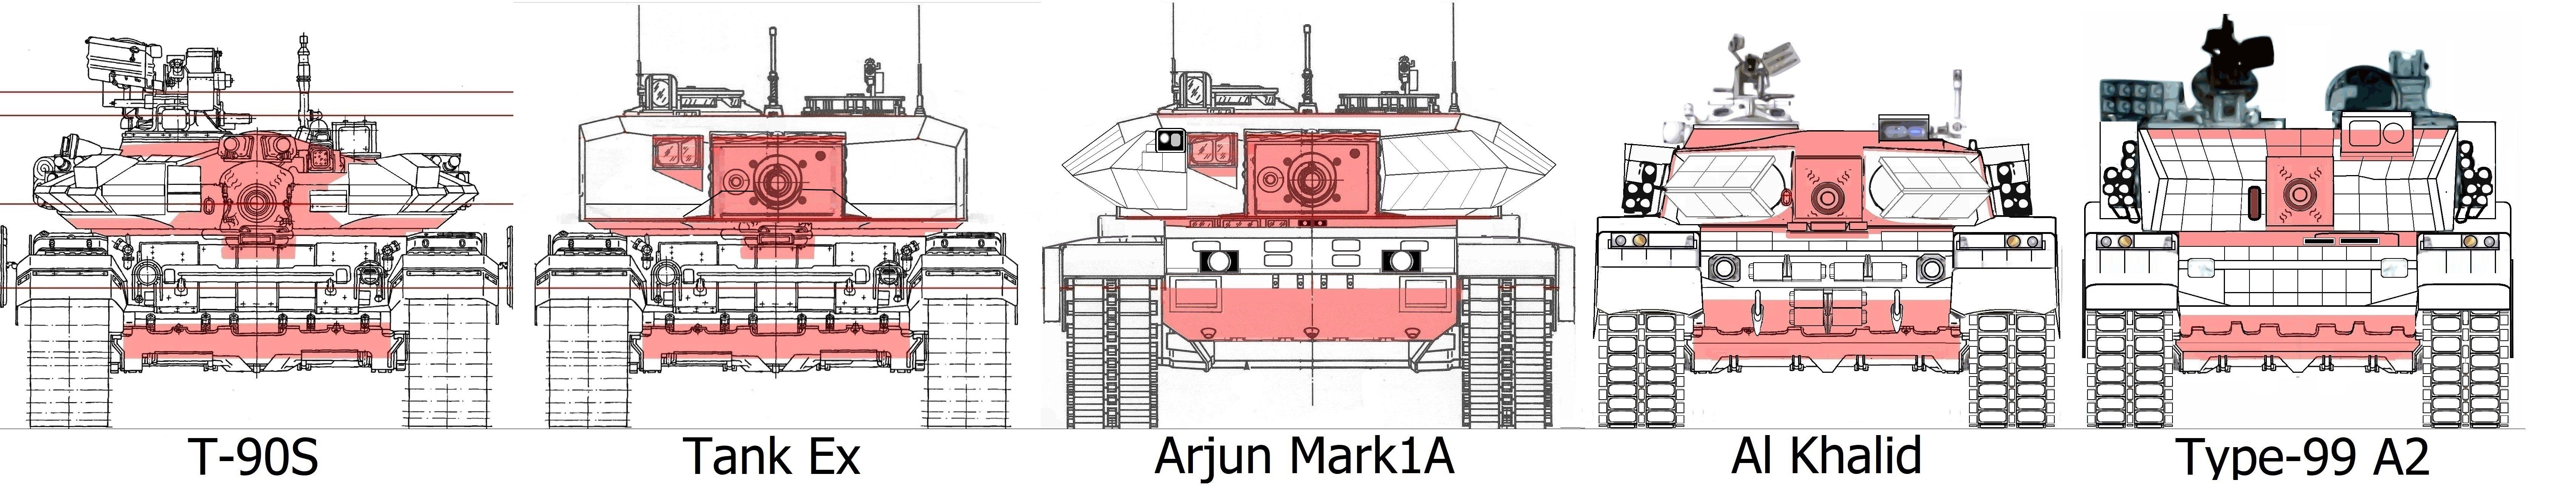 T90-TankEX-Arjun-AlKhalid-Type99.jpg